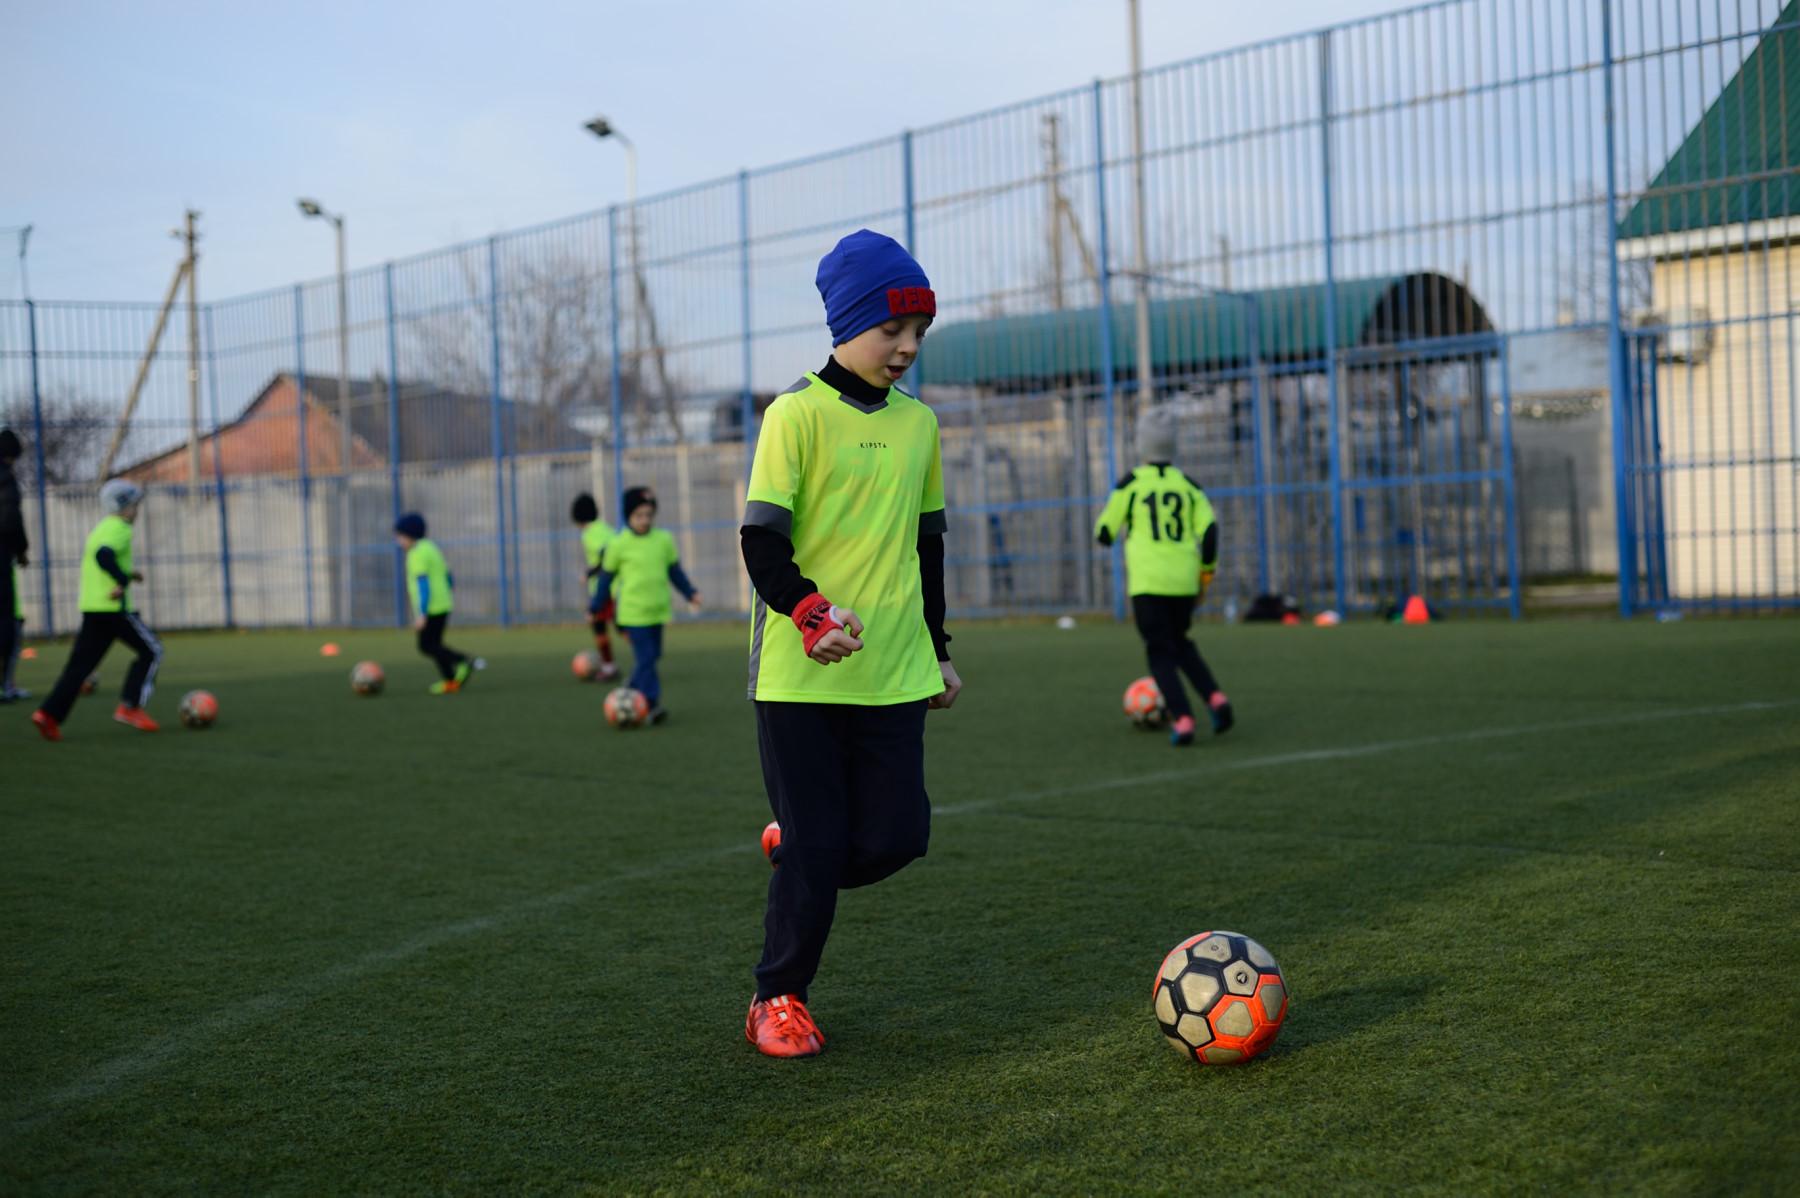 В Адыгее пройдет региональный этап всероссийского фестиваля дворового футбола